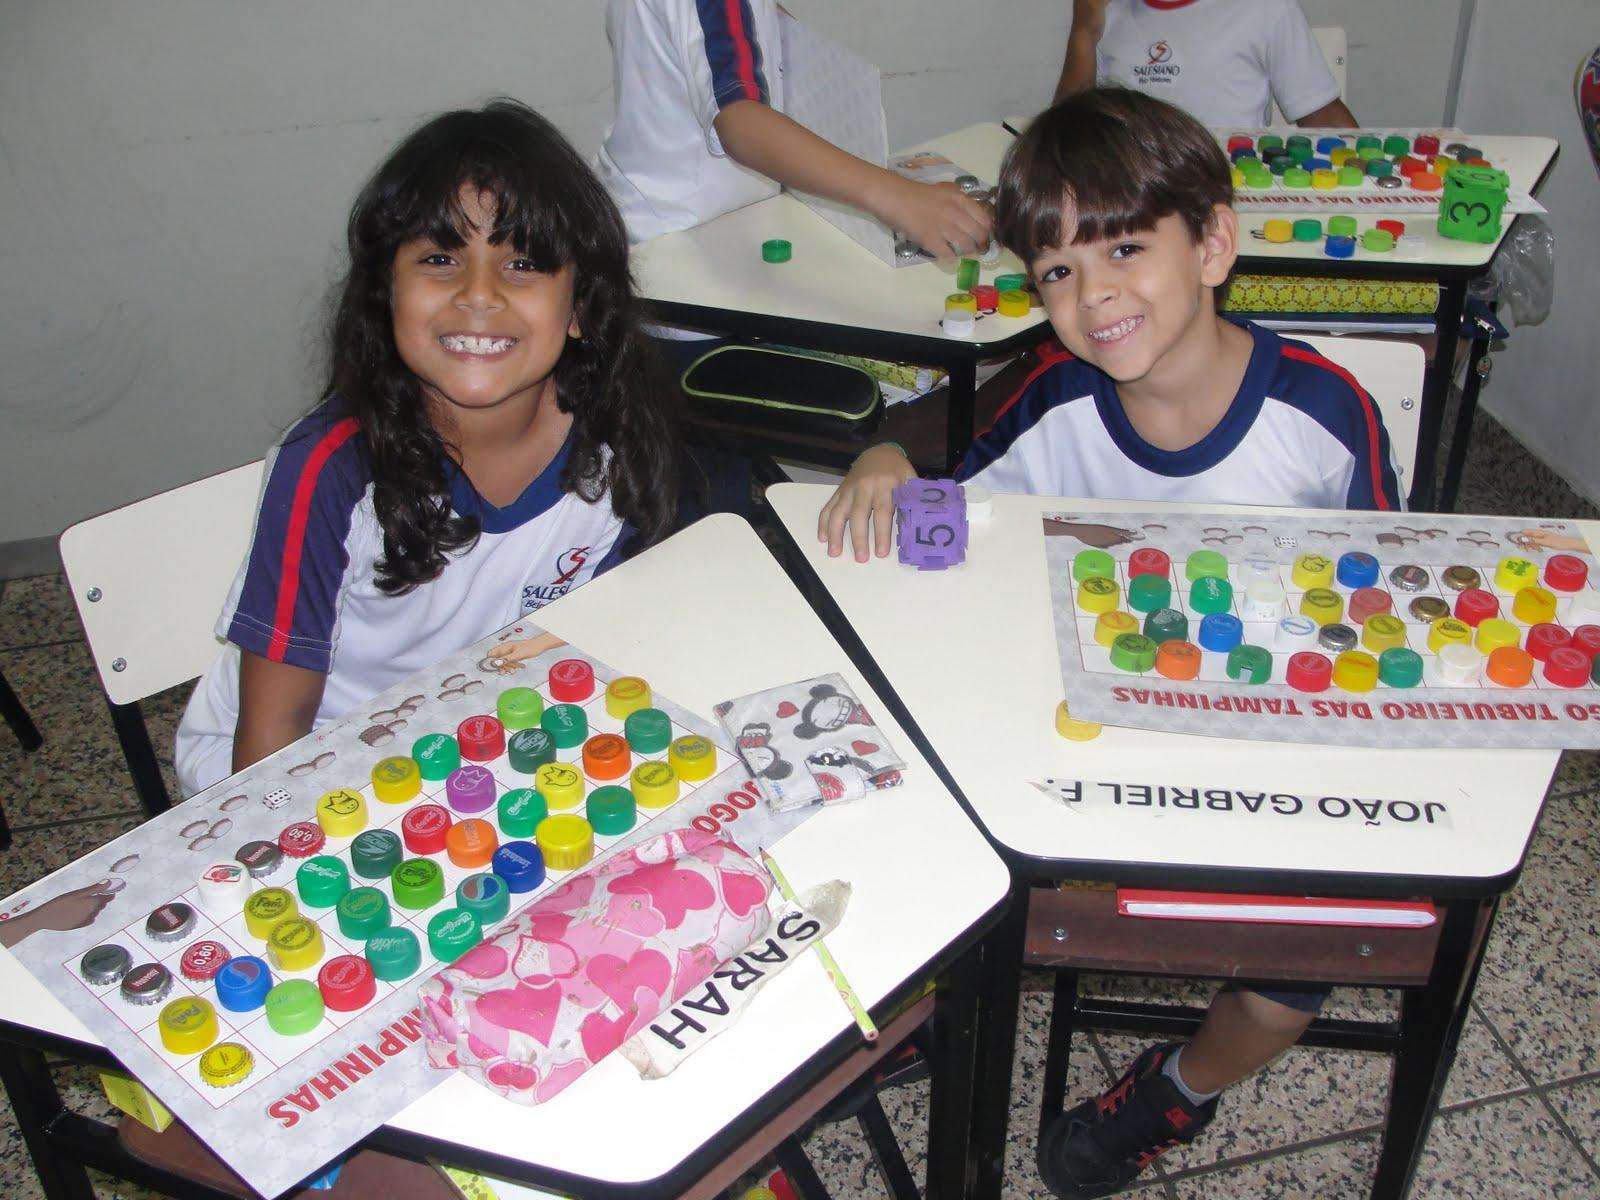 EDUCAÇÃO INFANTIL COLÉGIO  SIANO BH: JOGOS MATEMÁTICOS #288A70 1600 1200